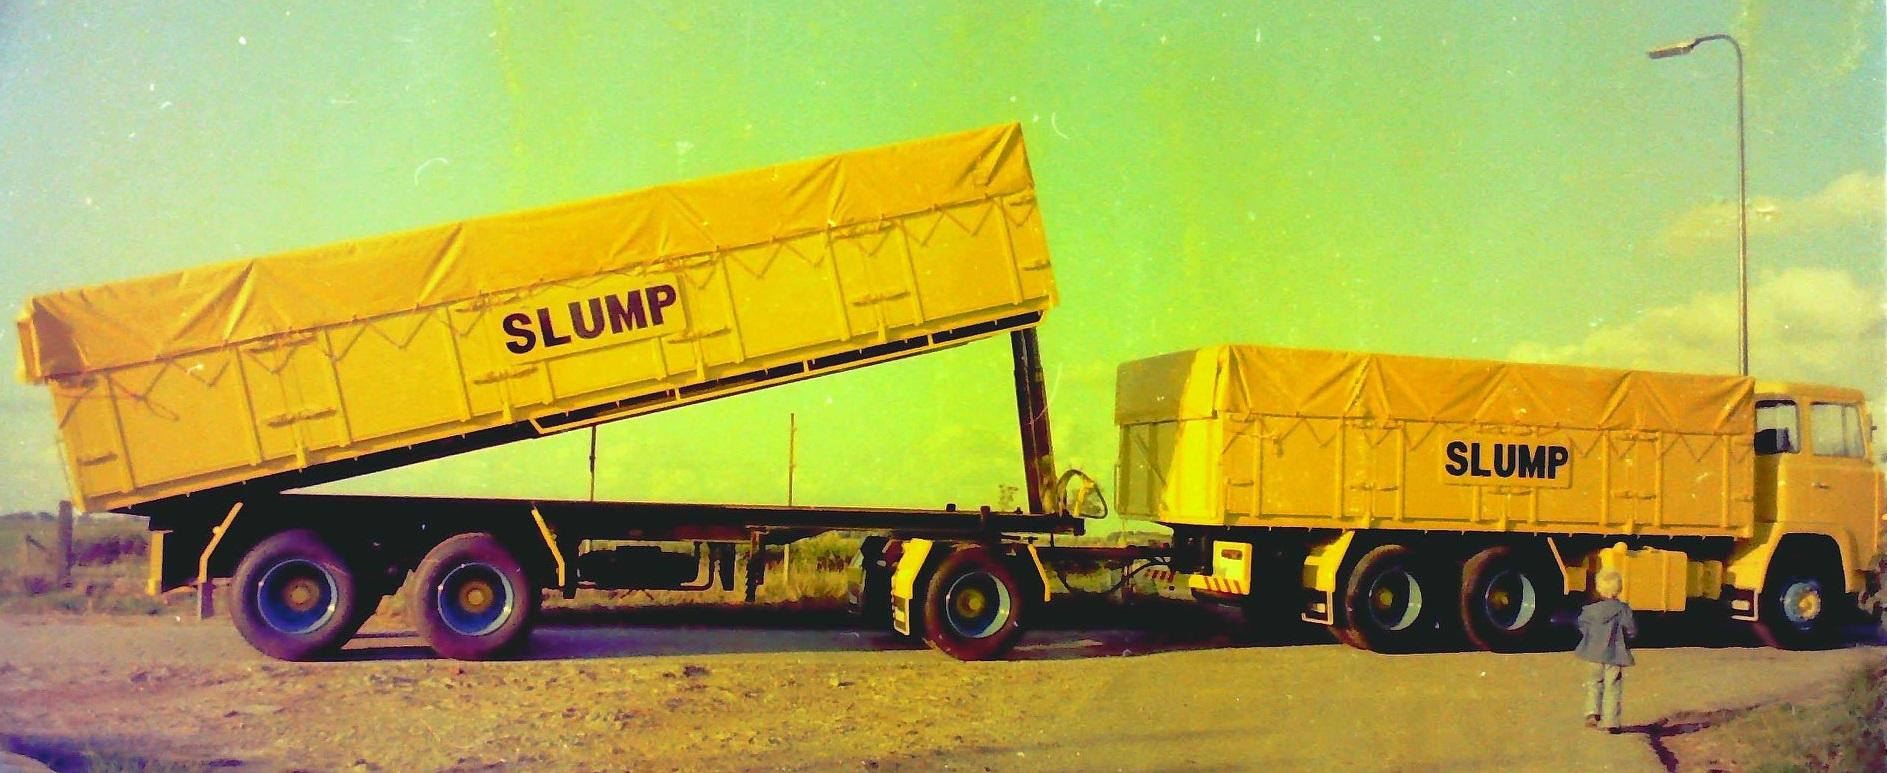 Deze-combinatie-is-gebouwd-door-Rondaan-en-die-reed-ook-voor-Slump-veevoederfabriek-in-Stroobos-1